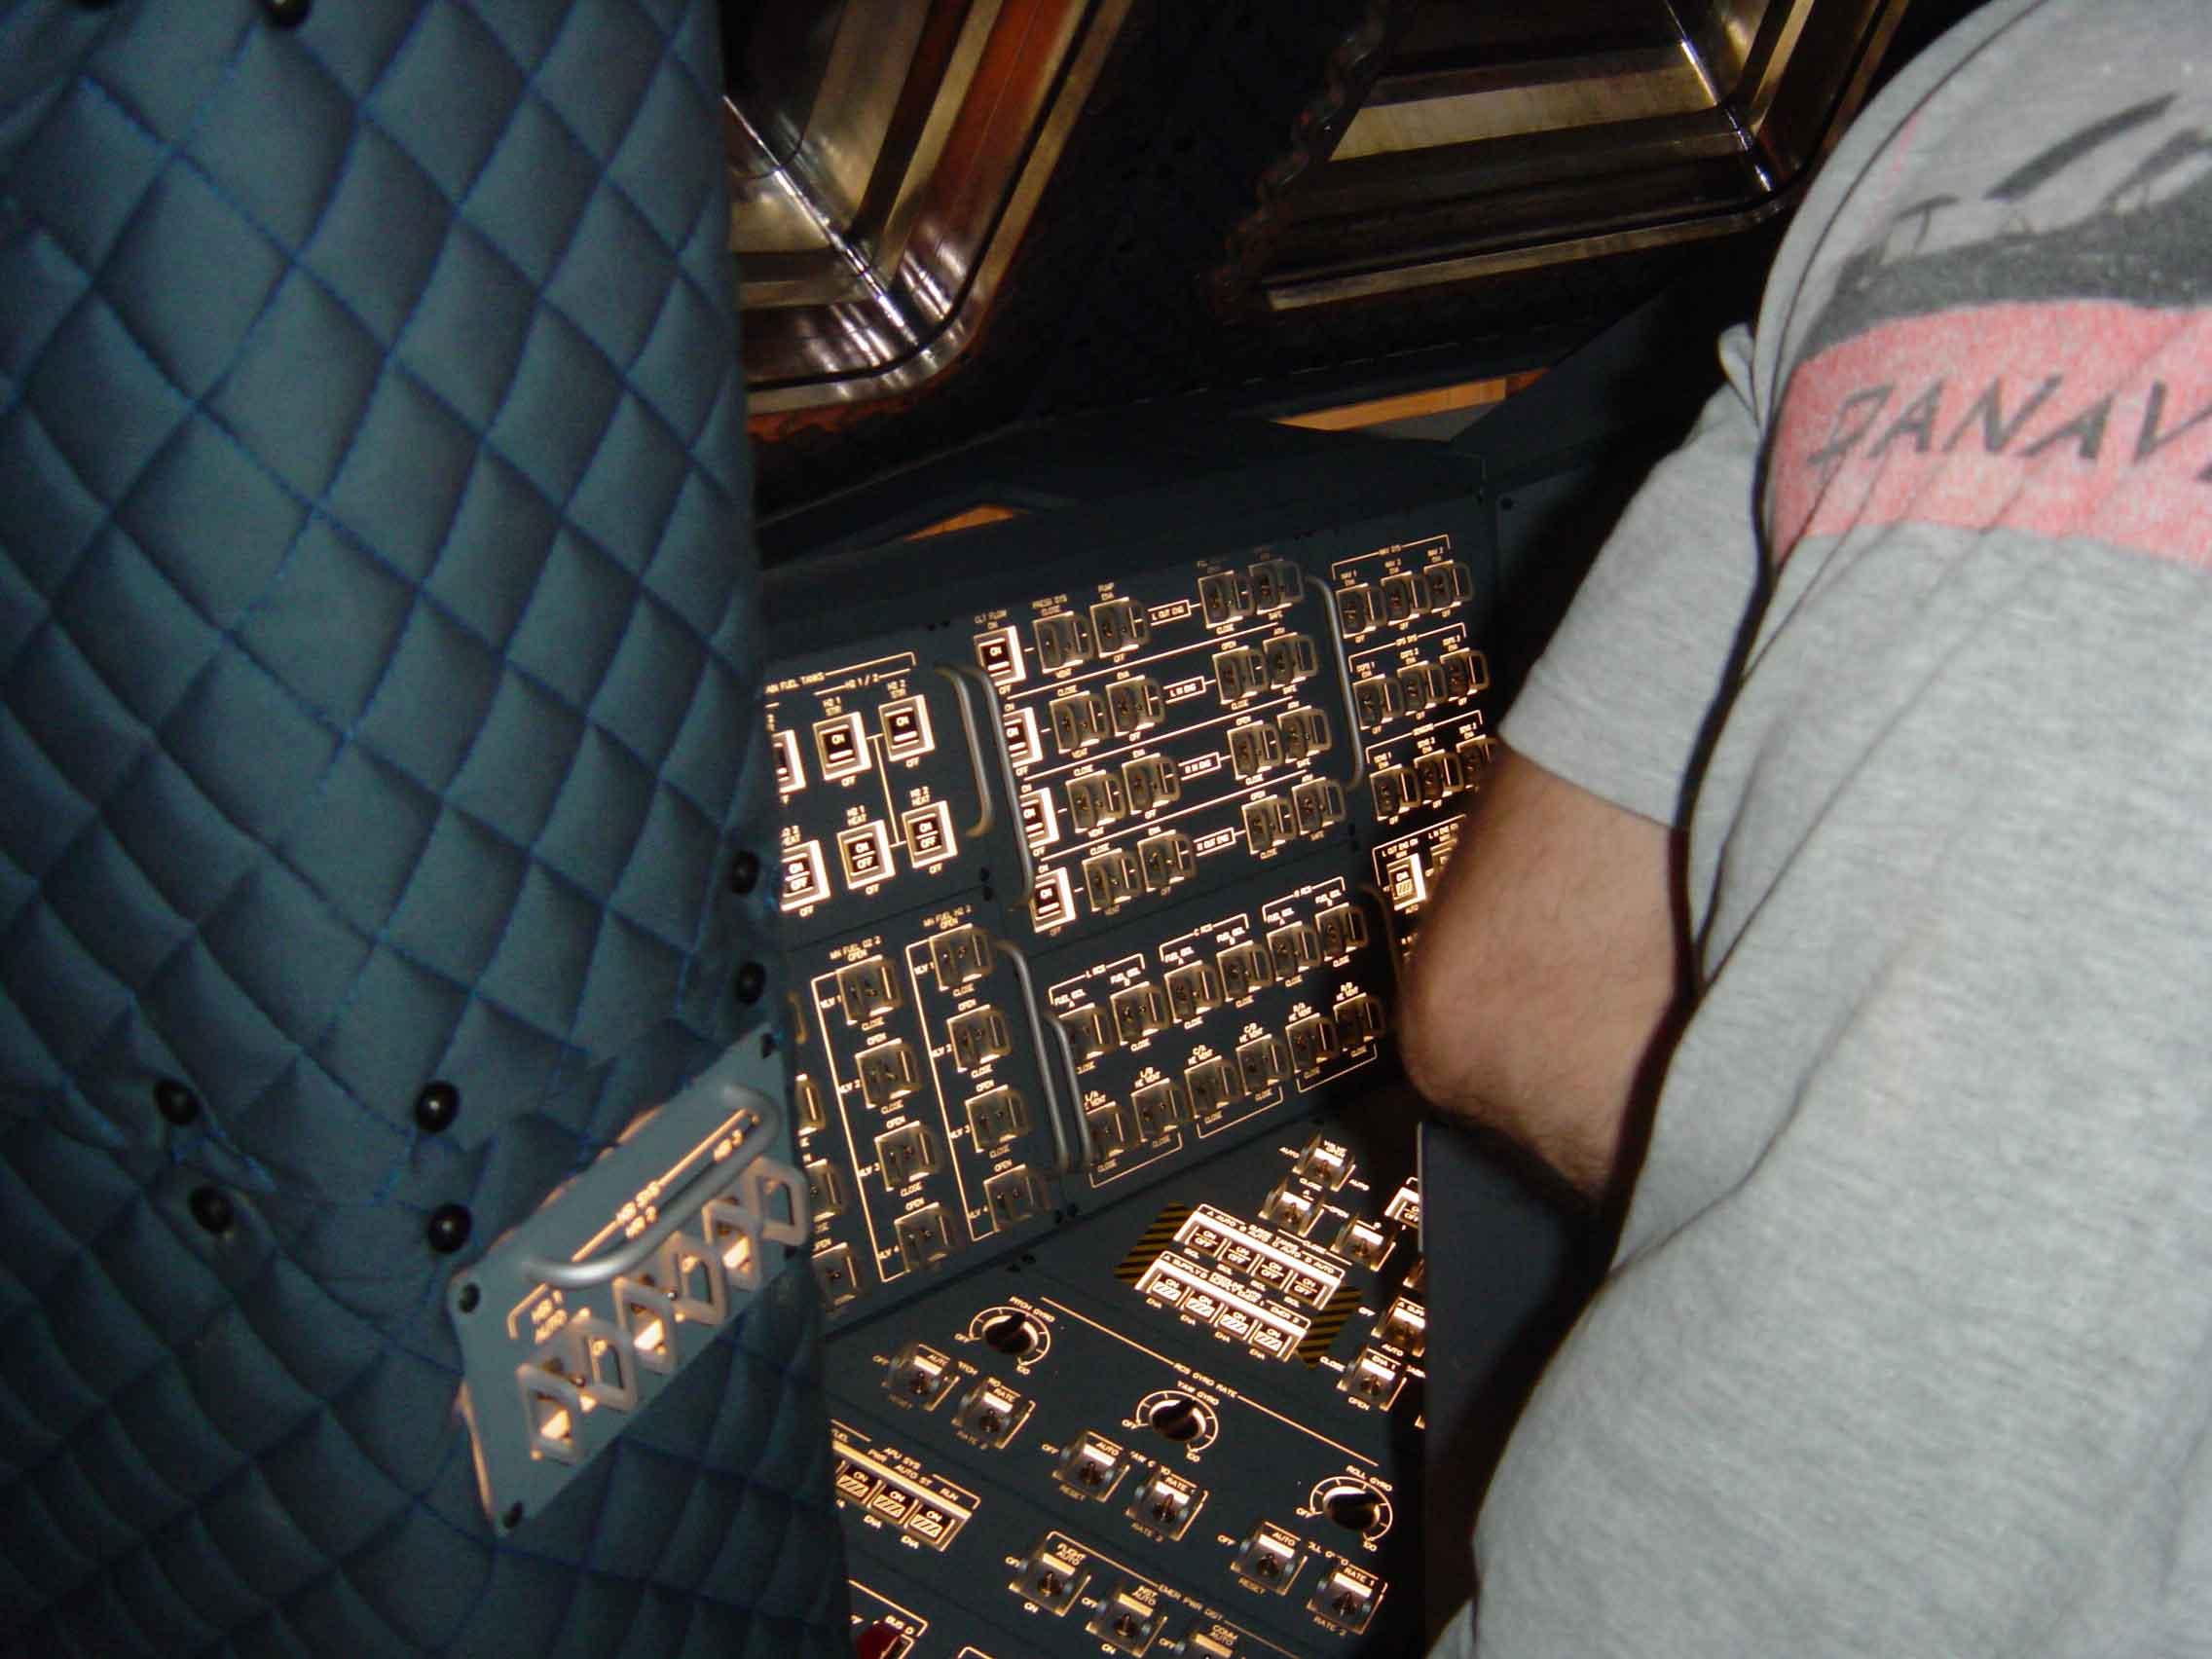 shuttle cockpit #3.jpg